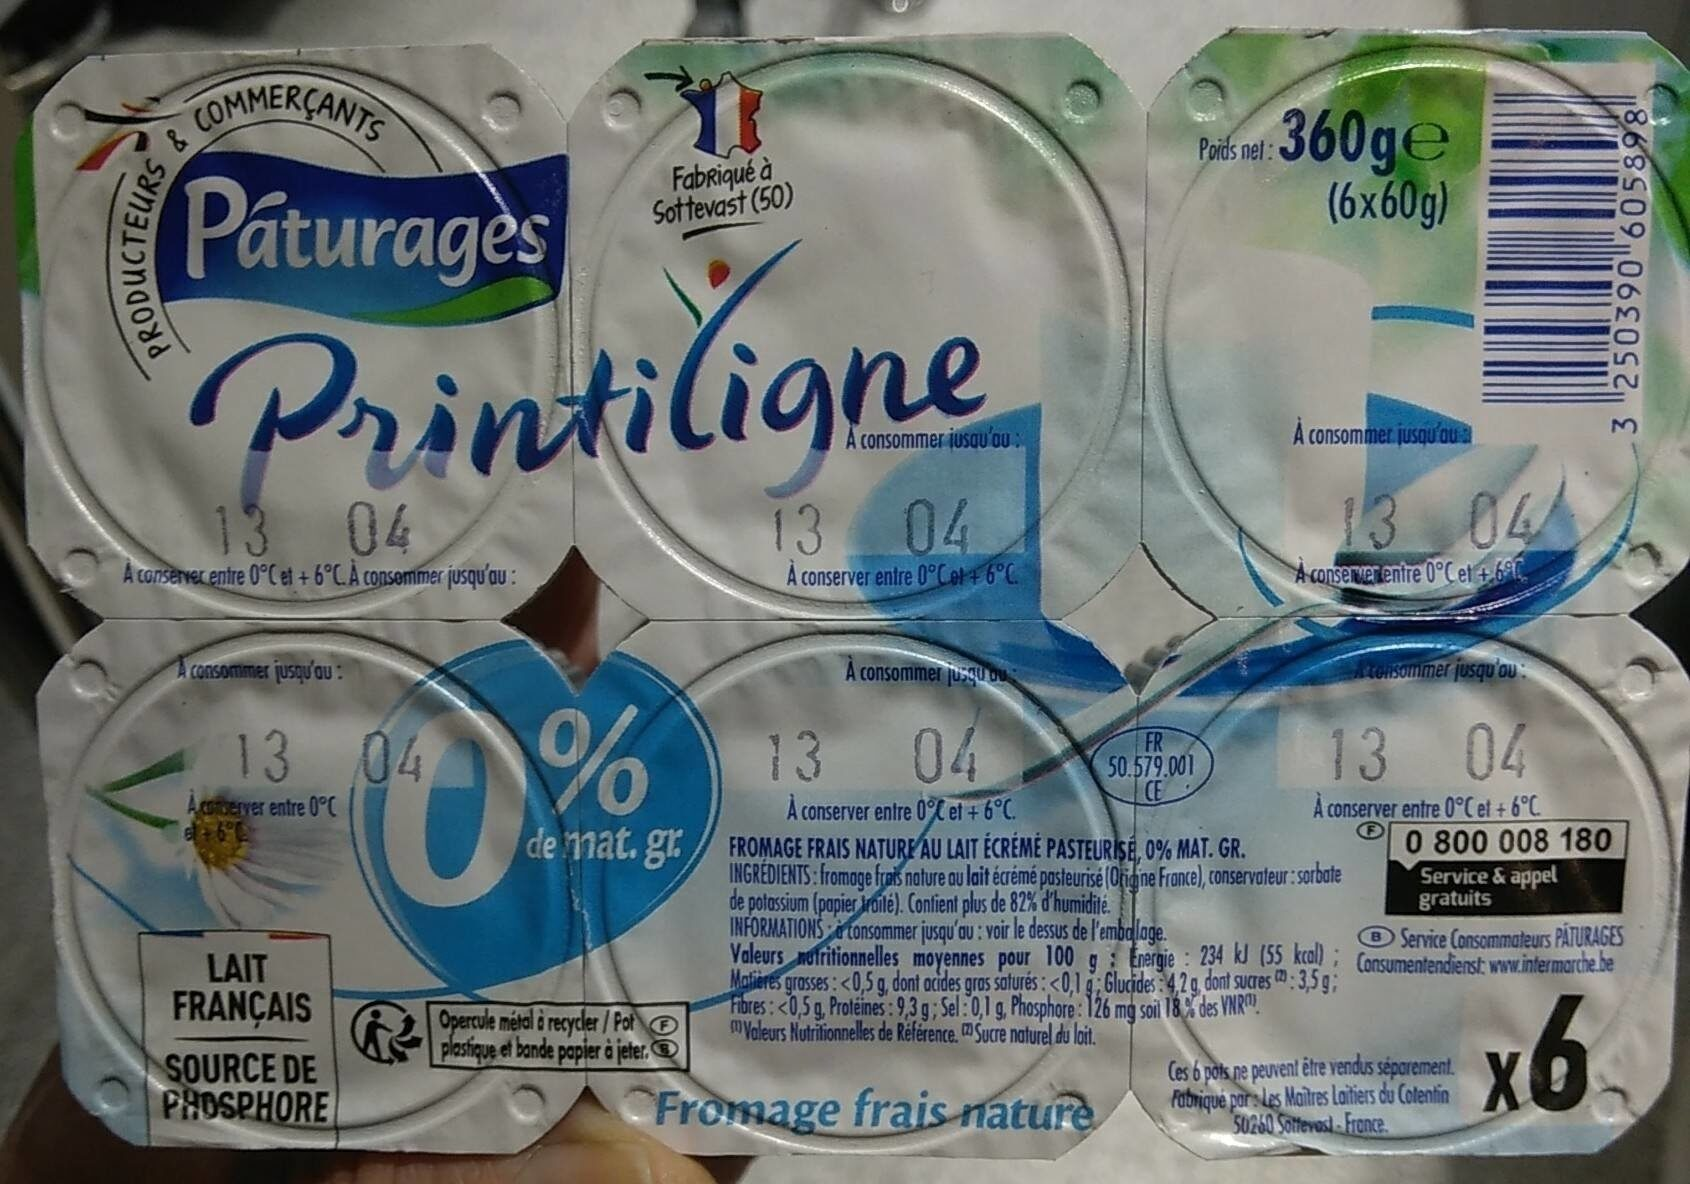 Fromage frais 0% de matière grasse - Product - fr